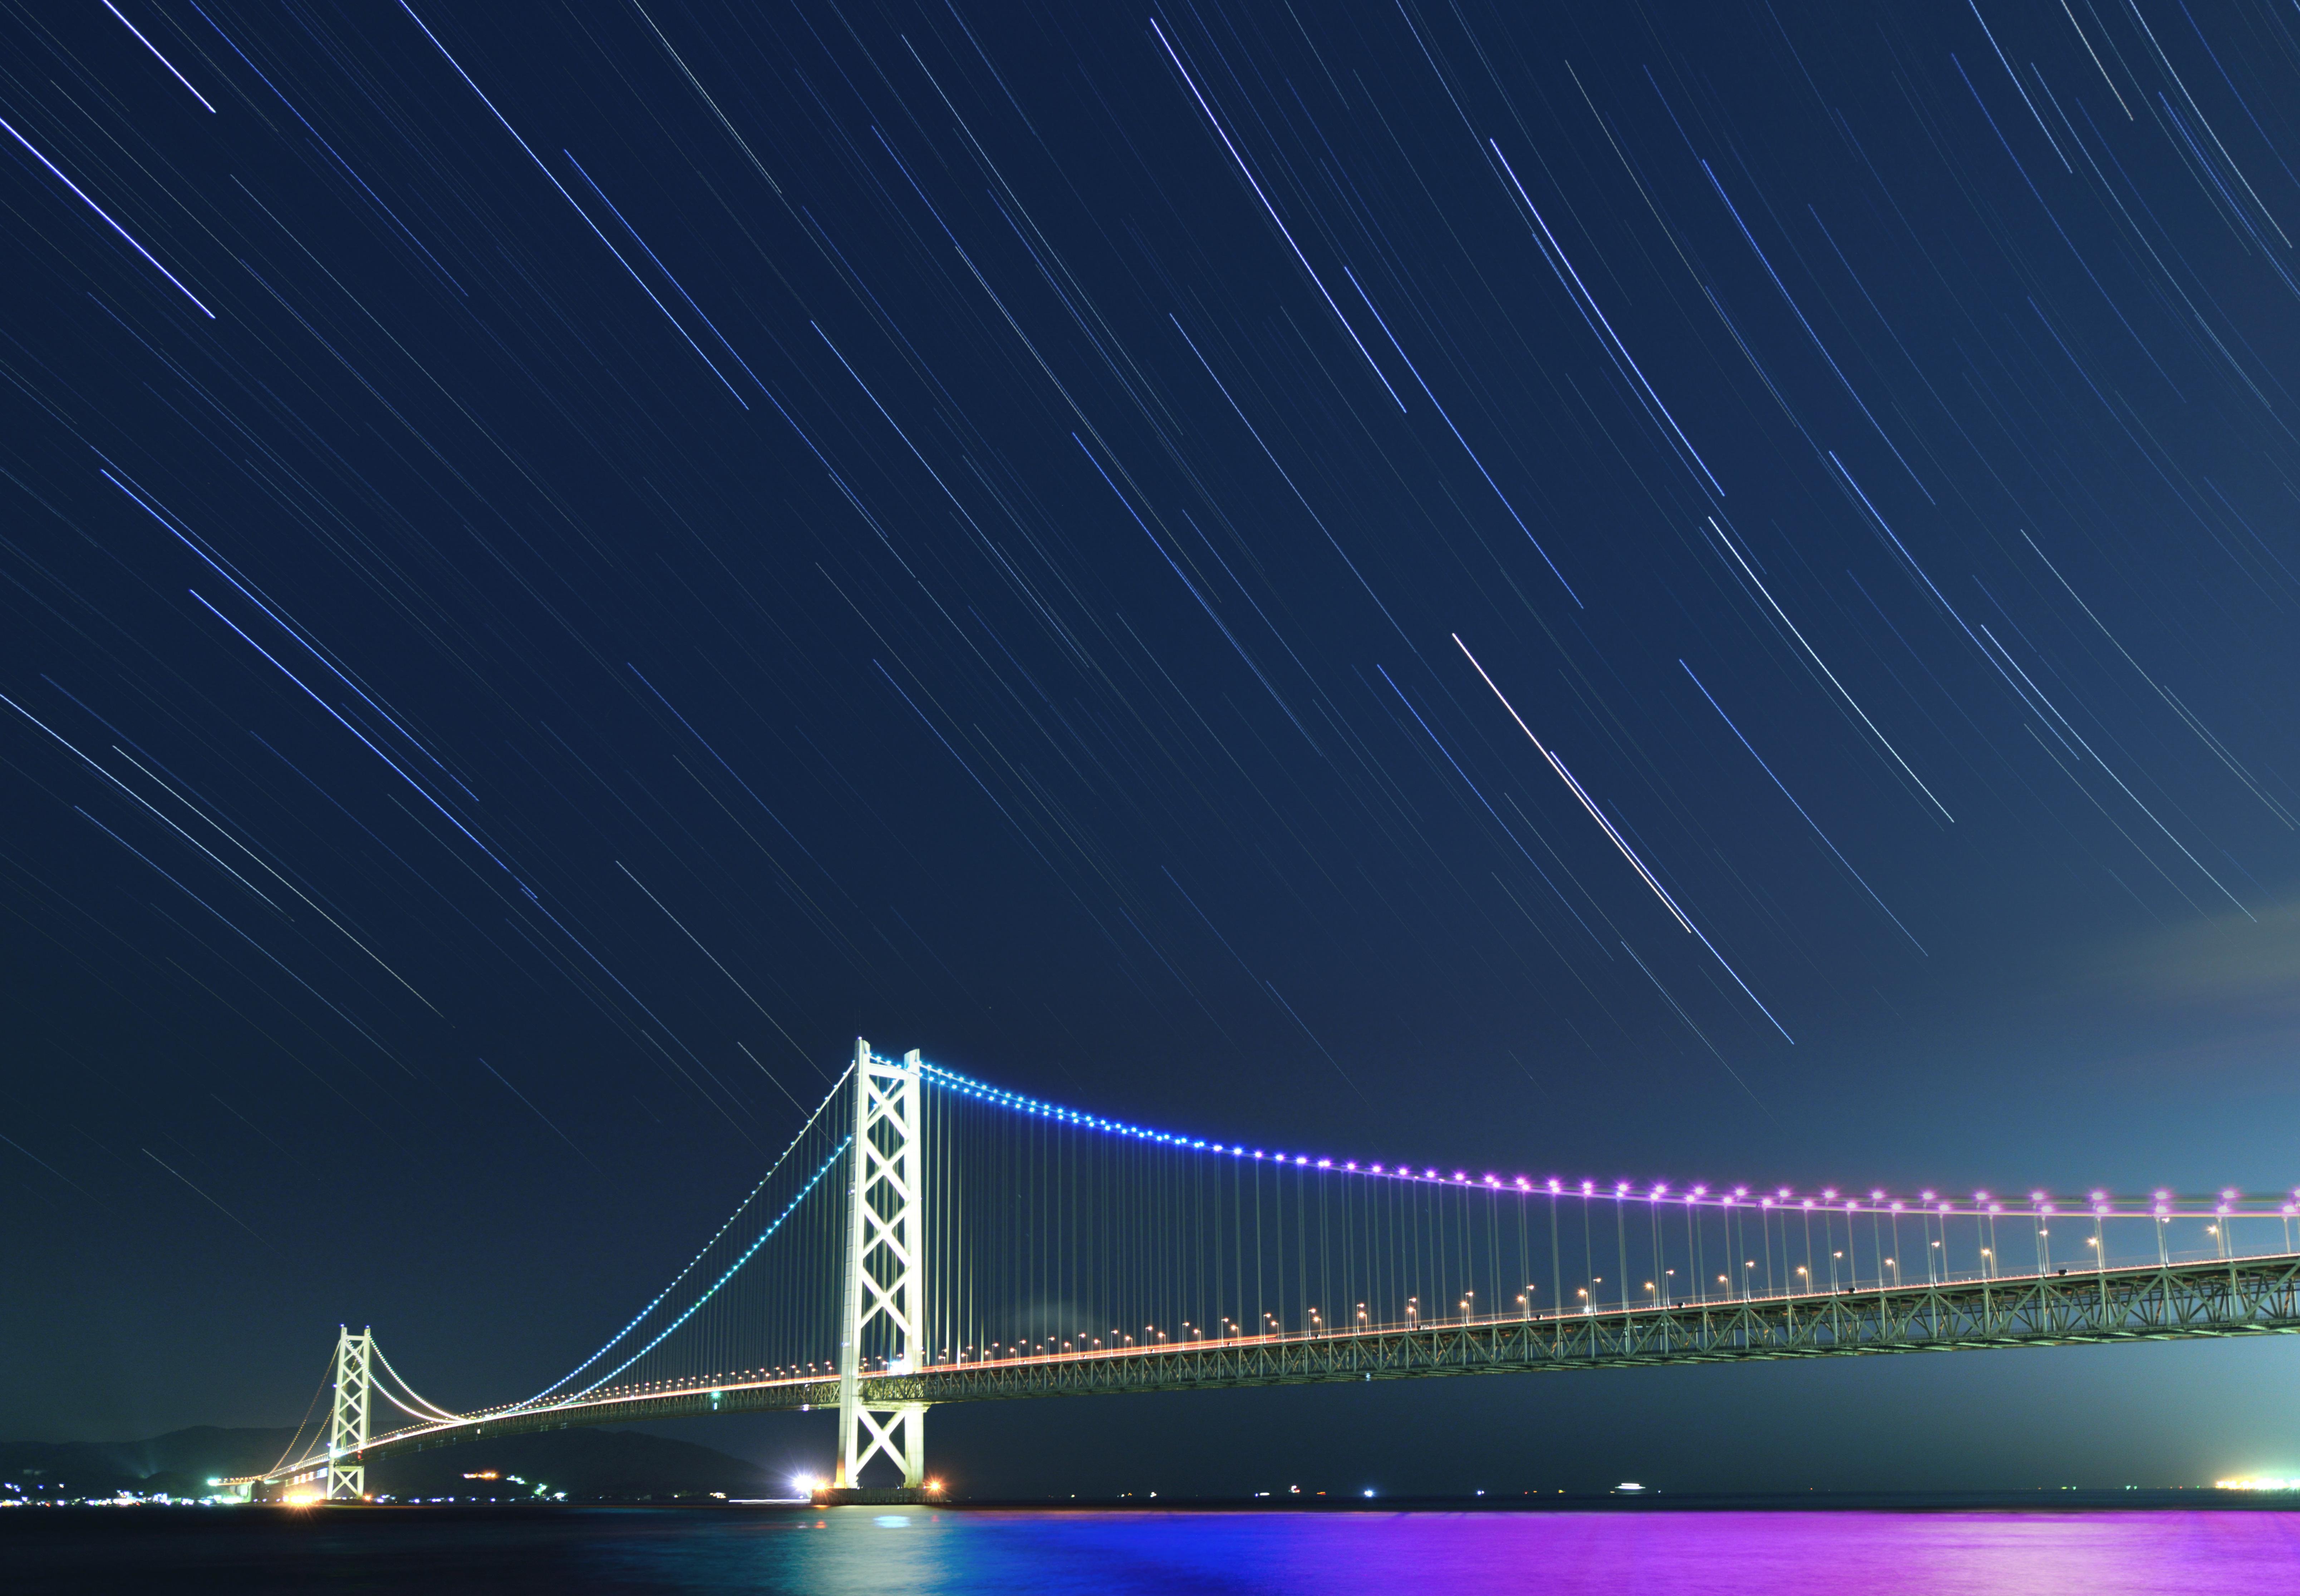 【明石海峡大橋】撮影地▶︎兵庫県明石市